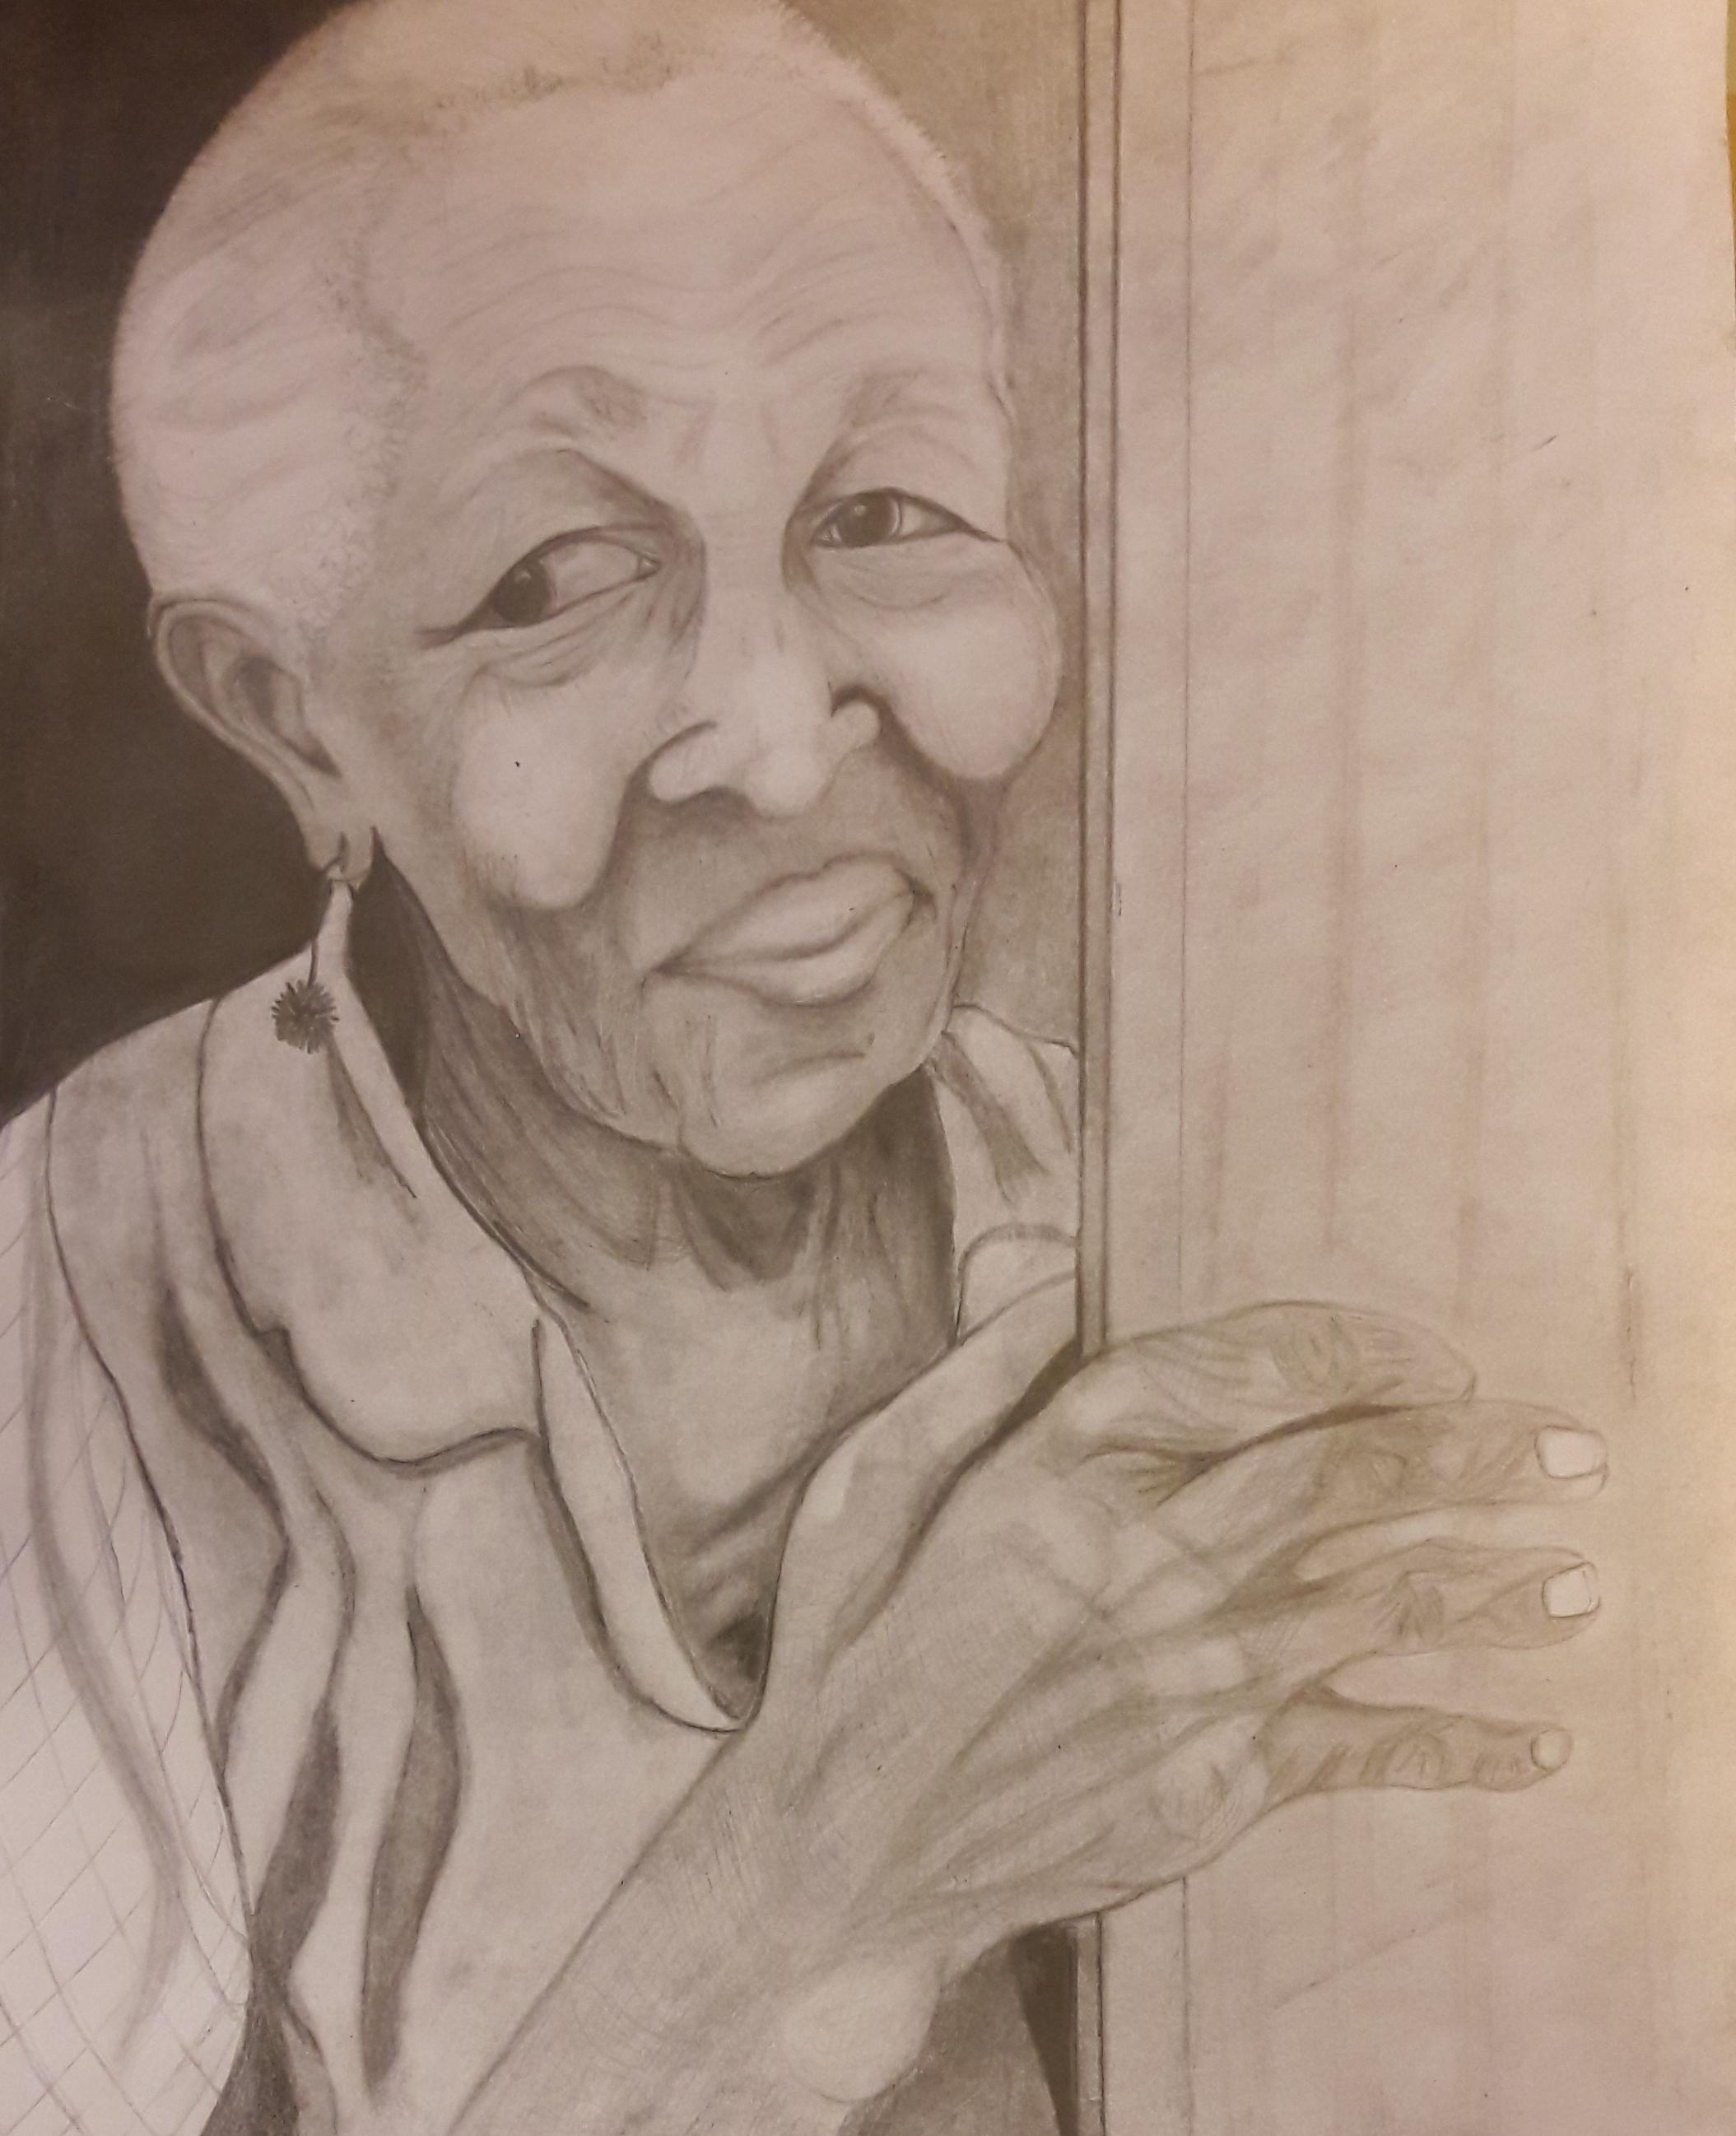 dessins d'une mami d'après une photo